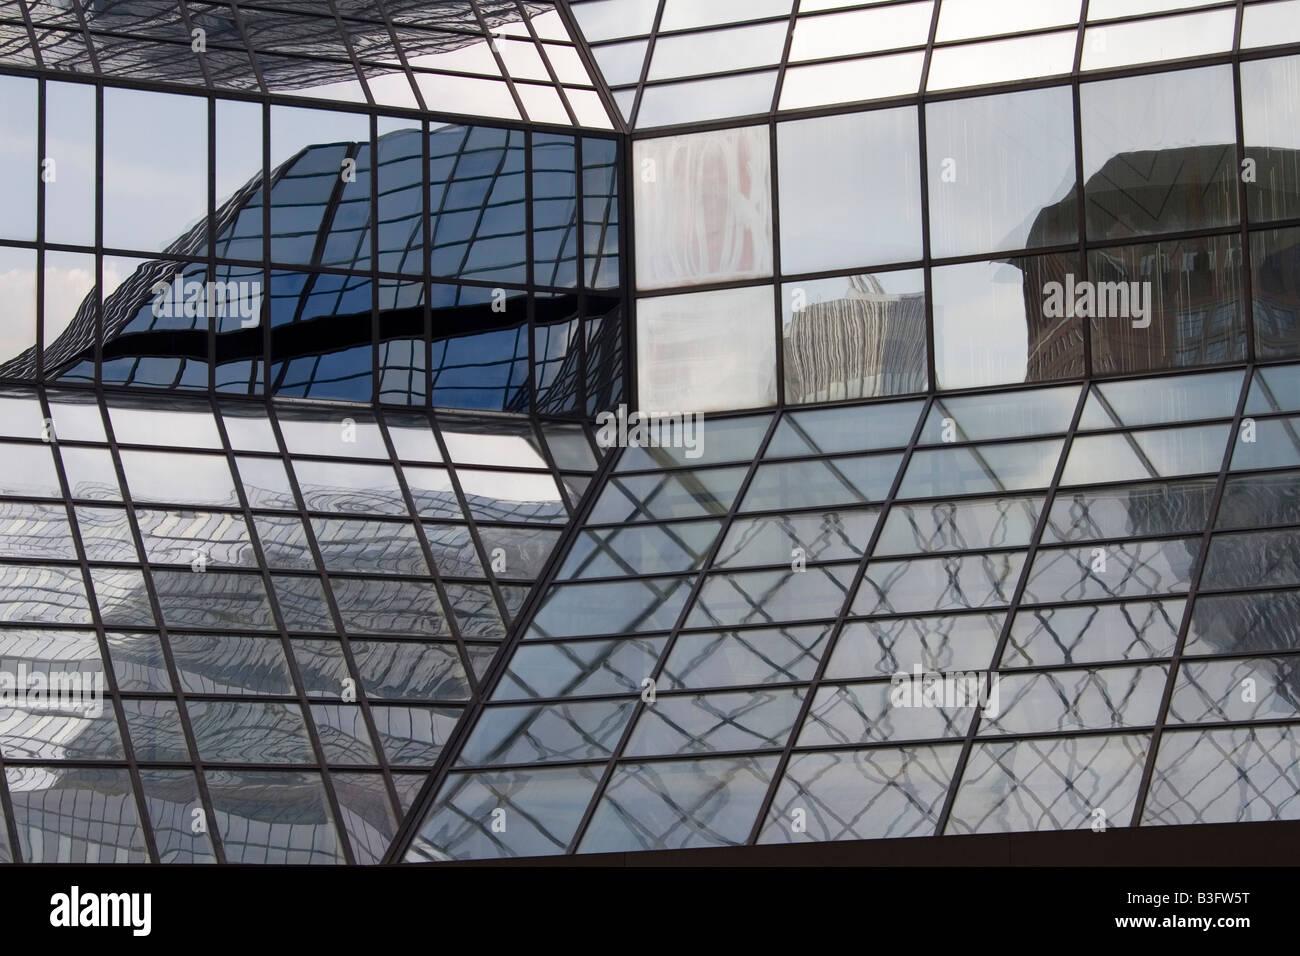 architectur - Stock Image